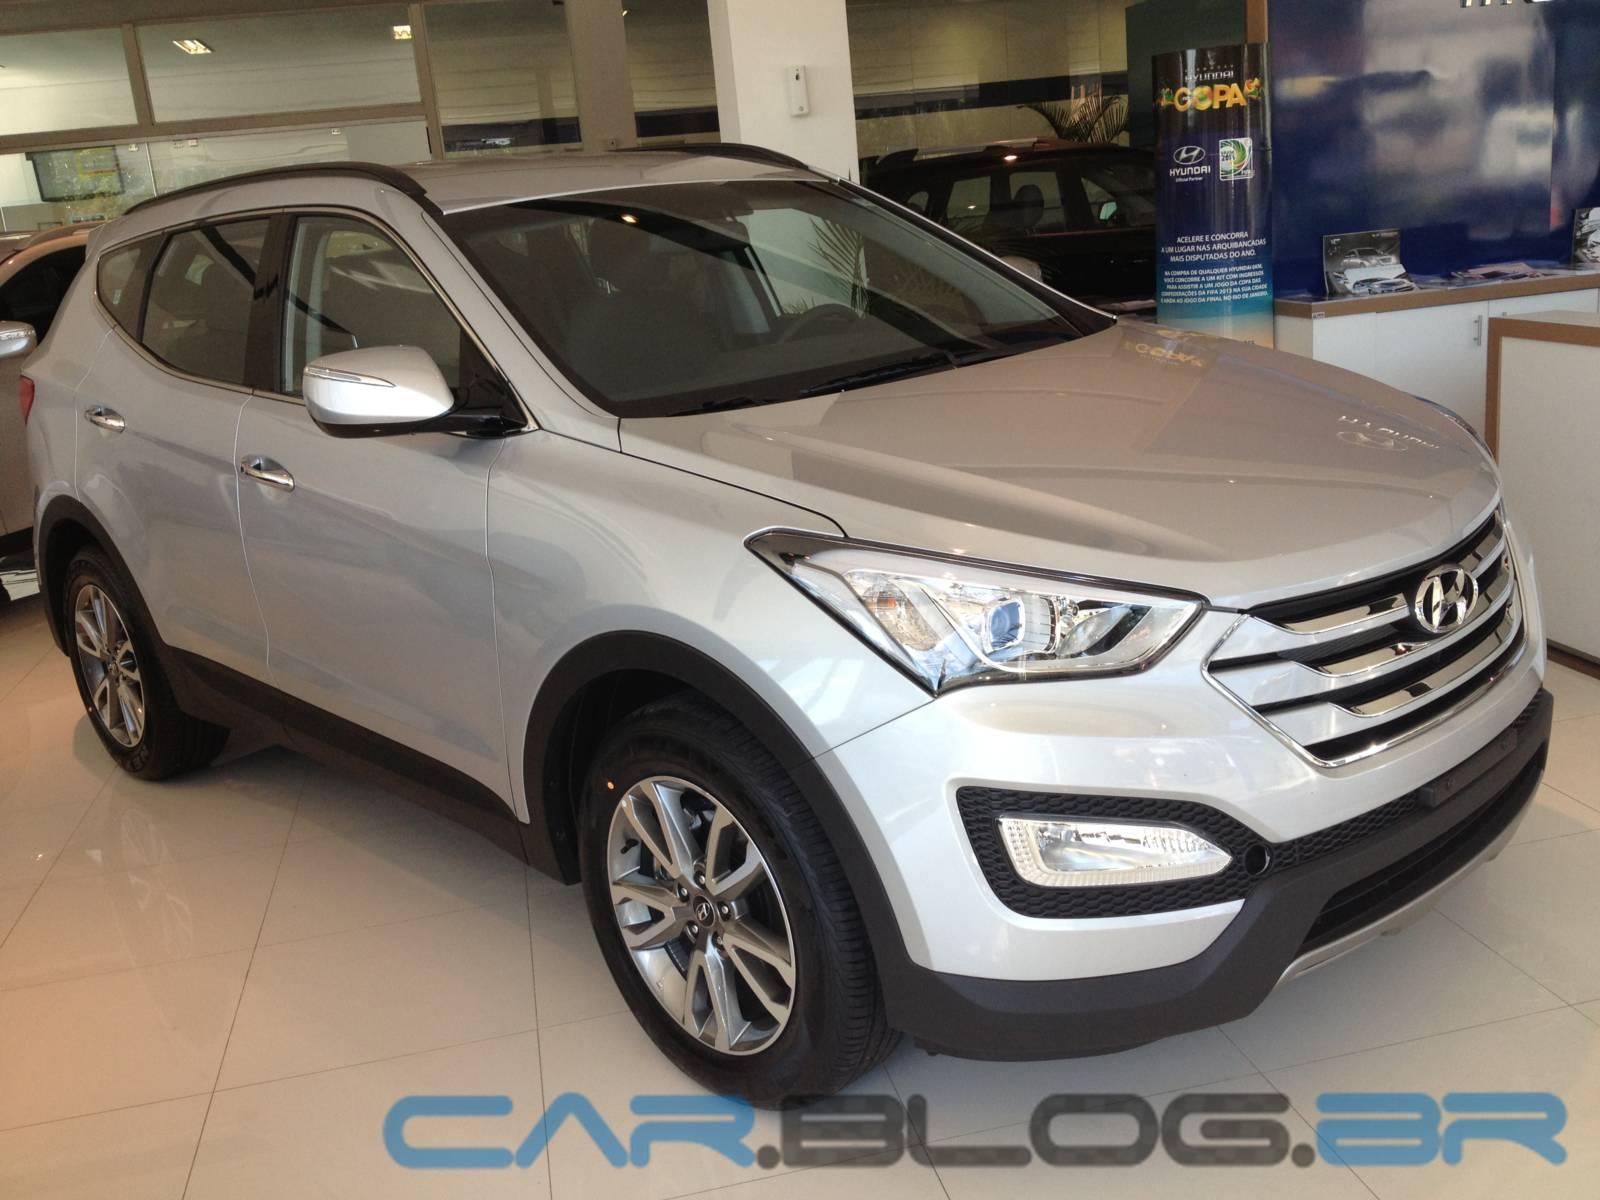 Novo Hyundai Santa Fé 2014: fotos, preços e especificações